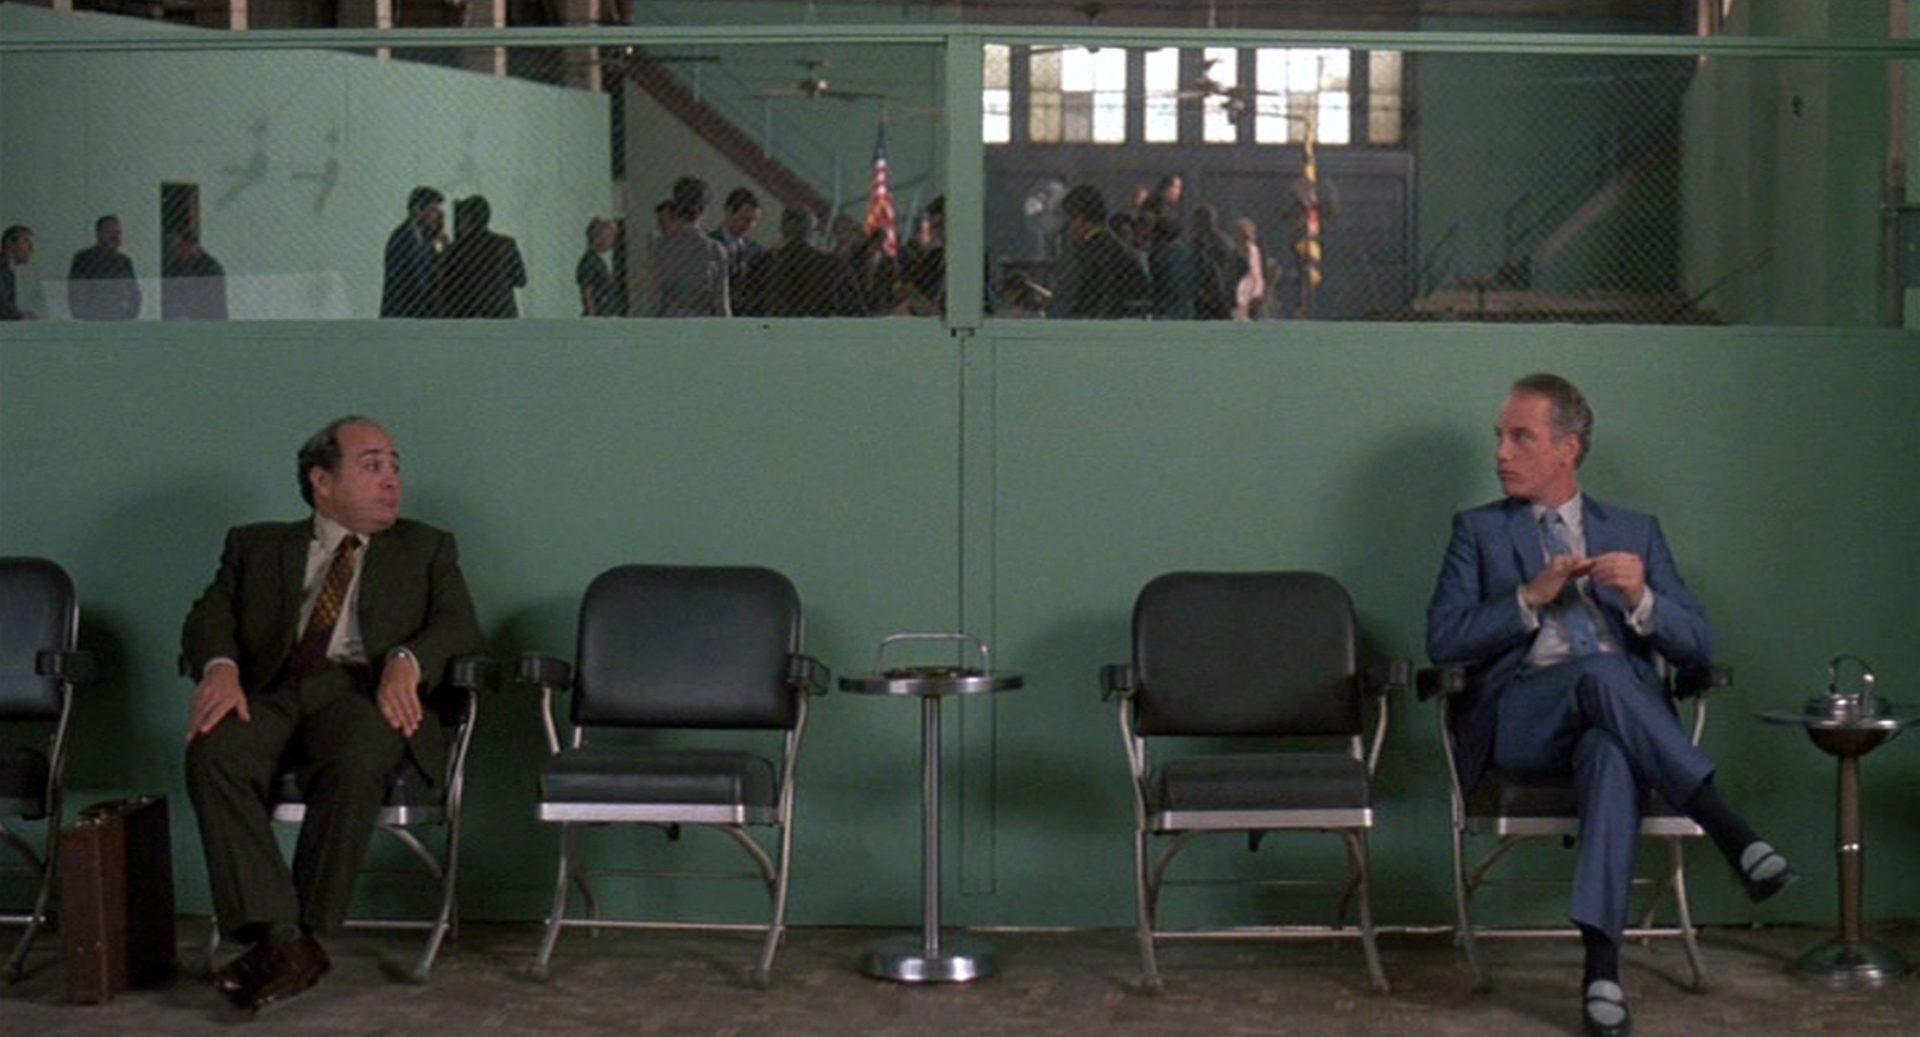 Danny DeVito und Richard Dreyfuss als die beiden Vertreter Ernest Tilley und Bill Babowsky auf gegenüberliegenden Seiten einer Stuhlreihe in einem Warteraum, die Blicke einander zugerichtet.